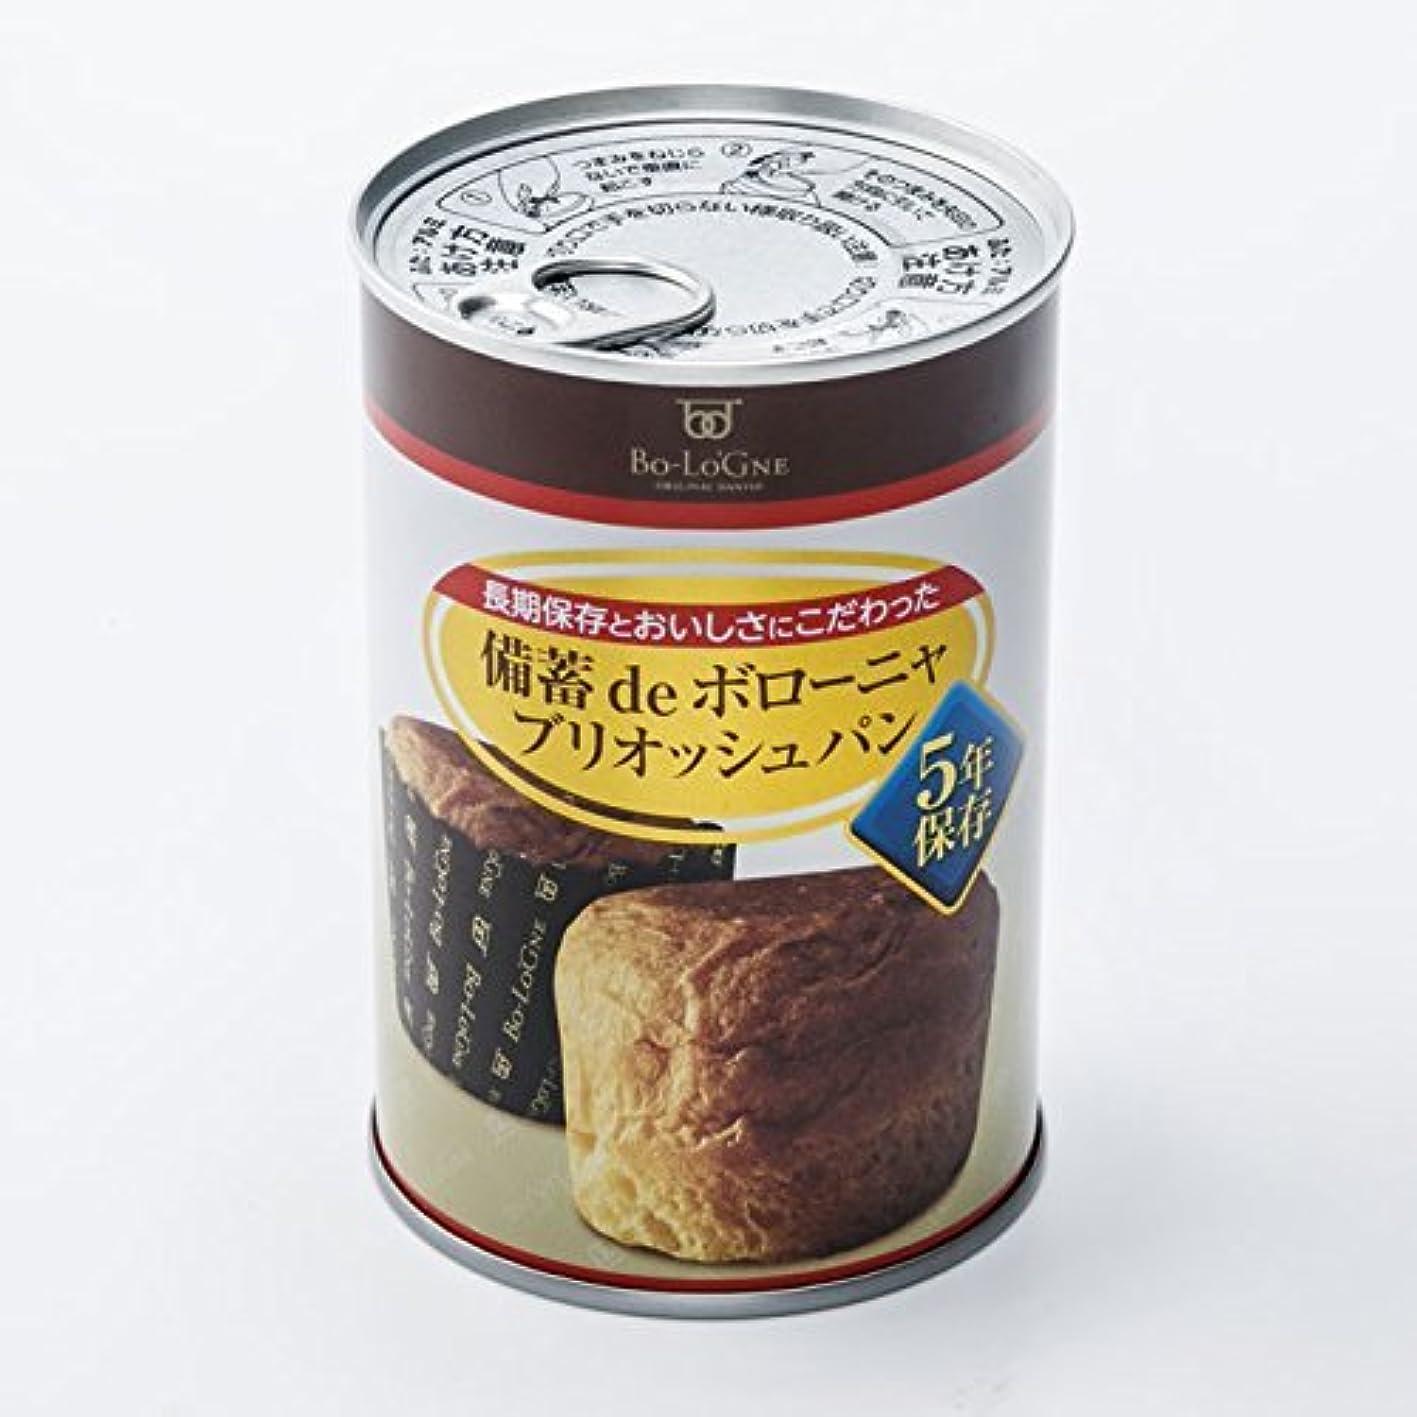 数学者ゴシップ匹敵します美味しい非常食 スティックバウムクーヘン(プレーン) 80g